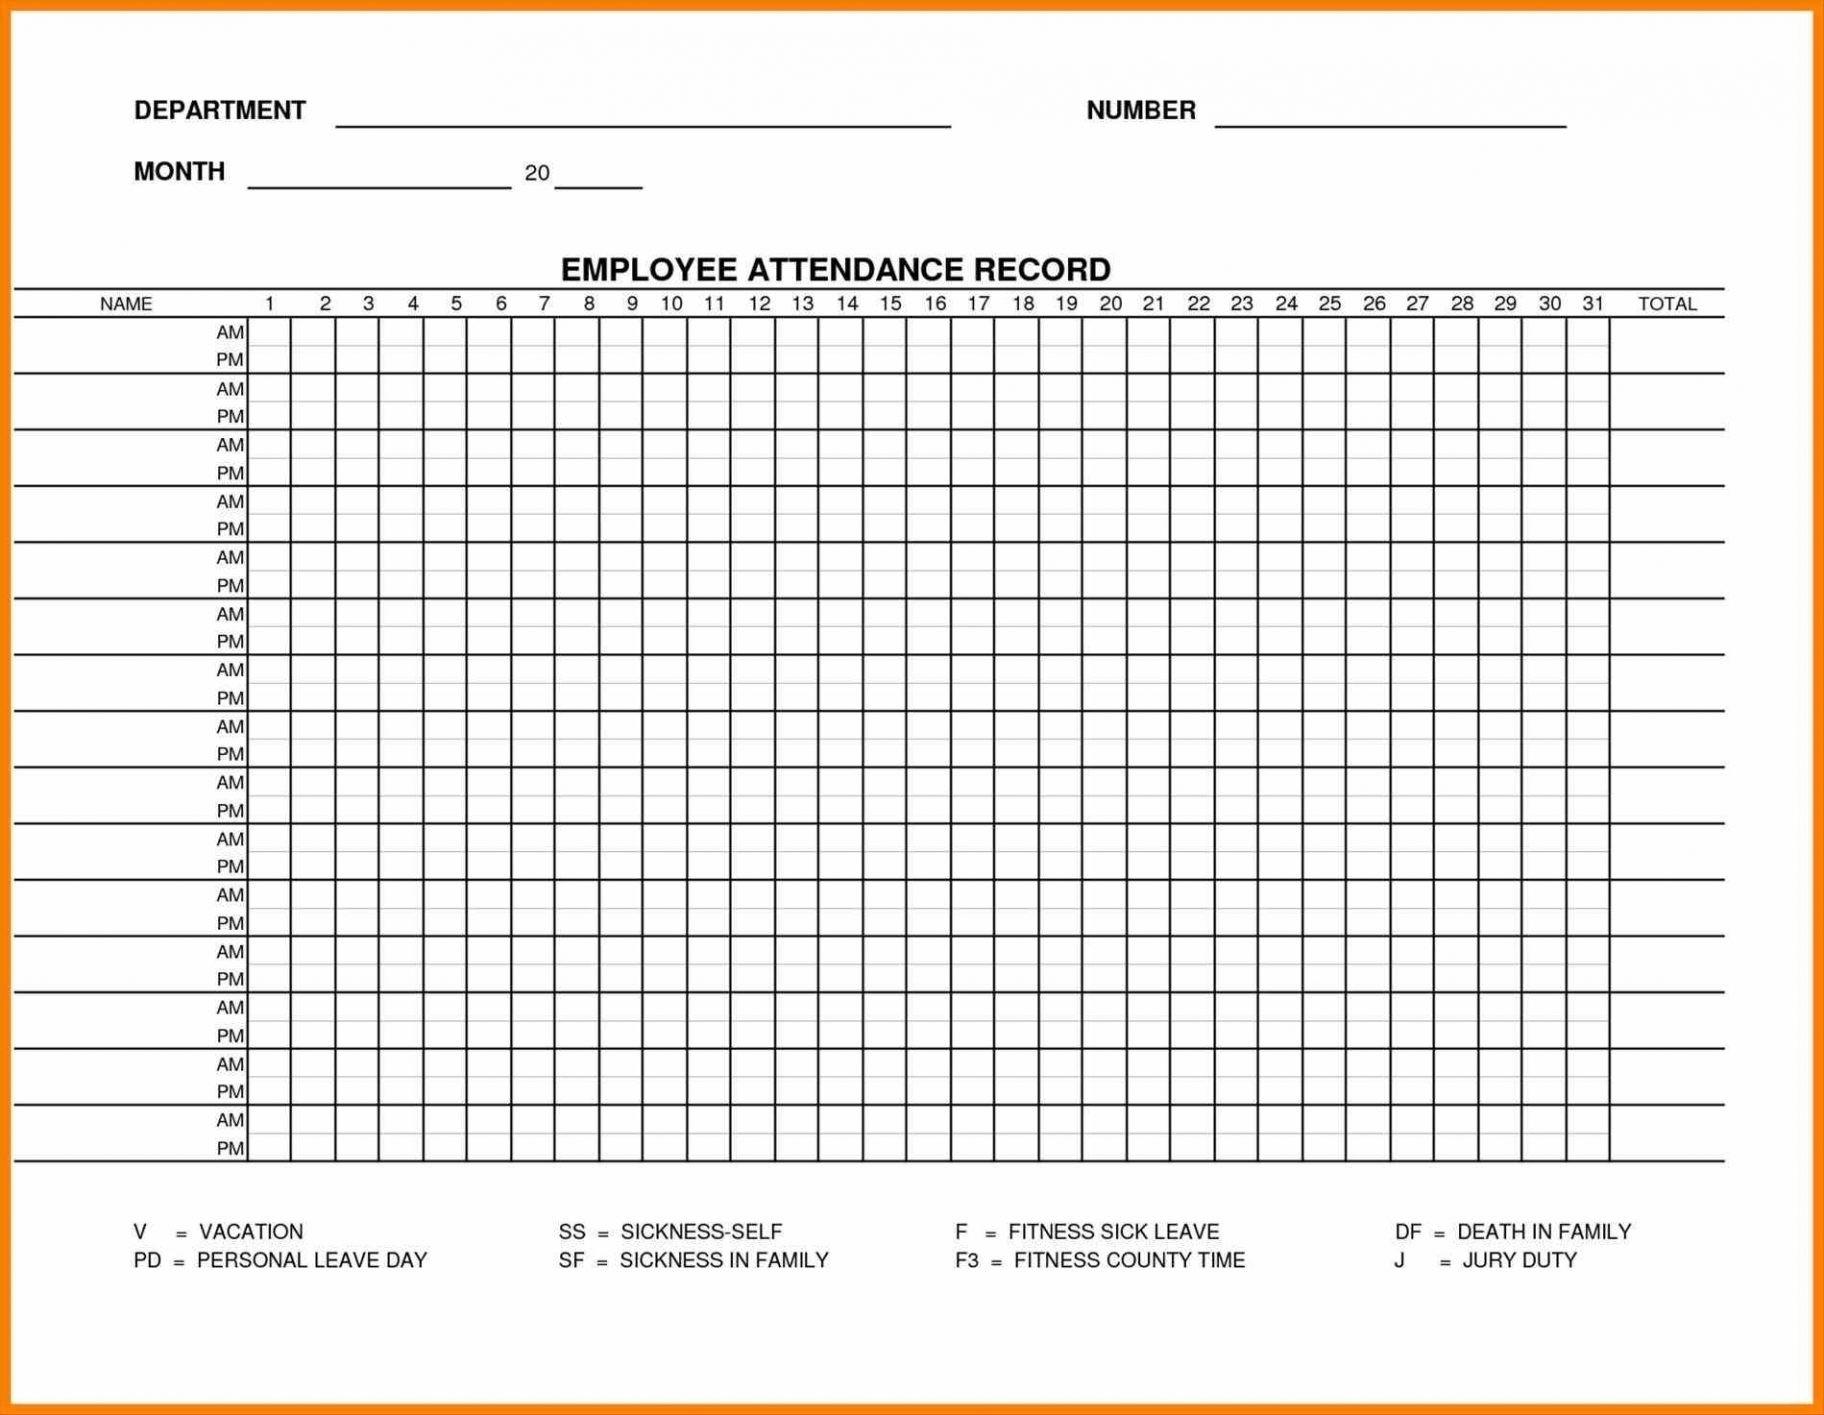 Printable Employee Attendance Sheet Excel 2018 Within Employee with regard to Excel Employee Attendance Calendar Template